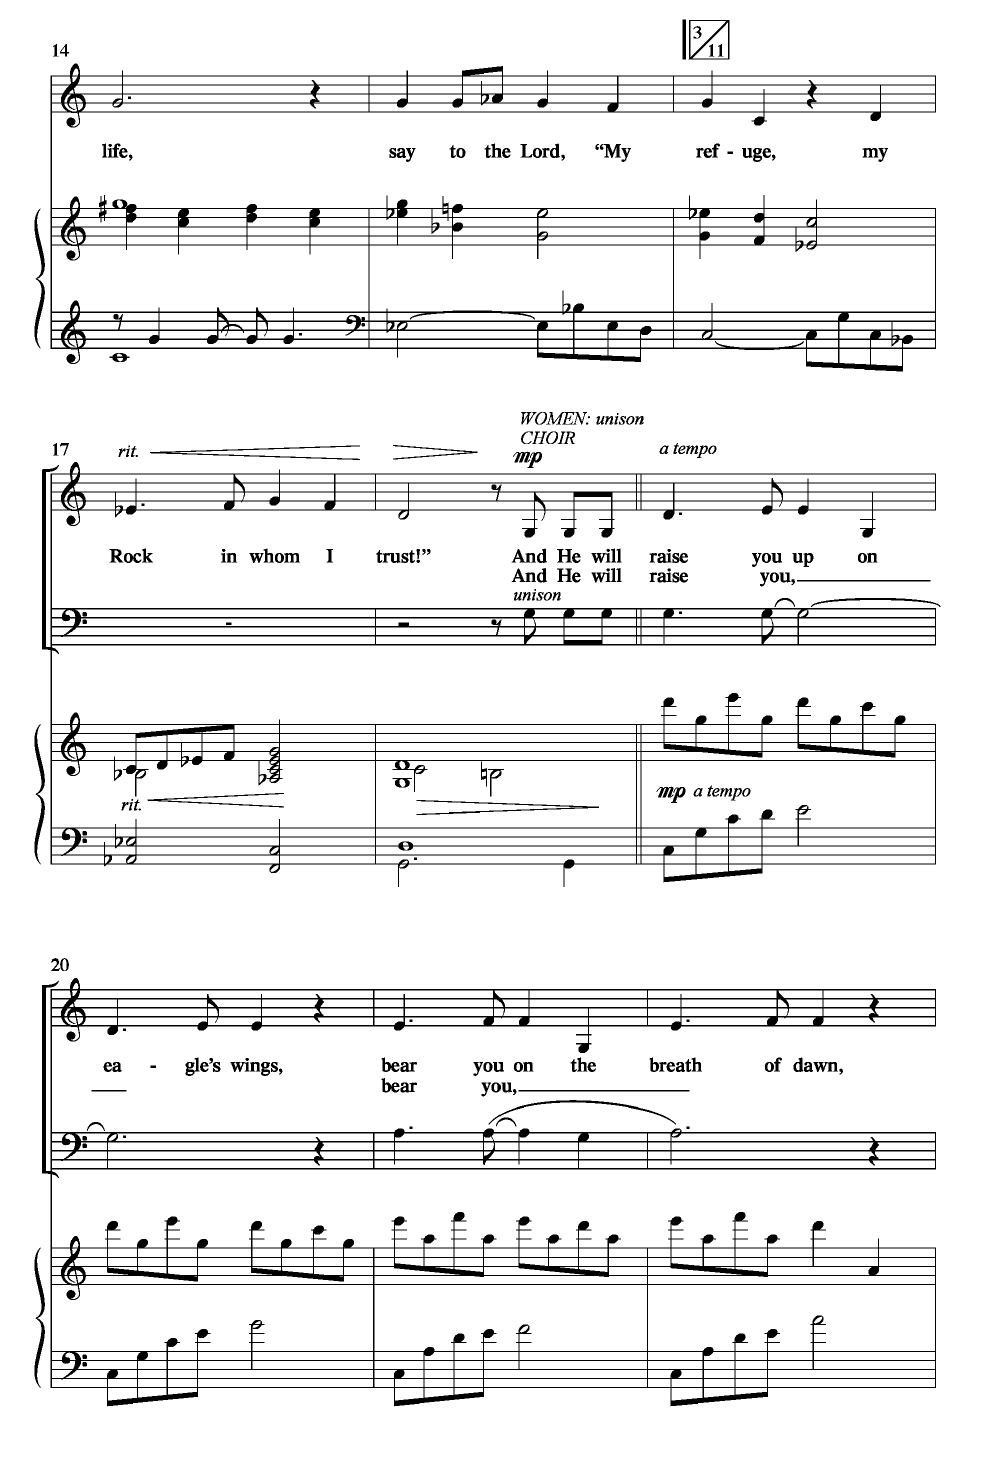 Eagles wings piano score array on eagles wings satb by michael joncas a j w pepper sheet music rh jwpepper com fandeluxe Gallery